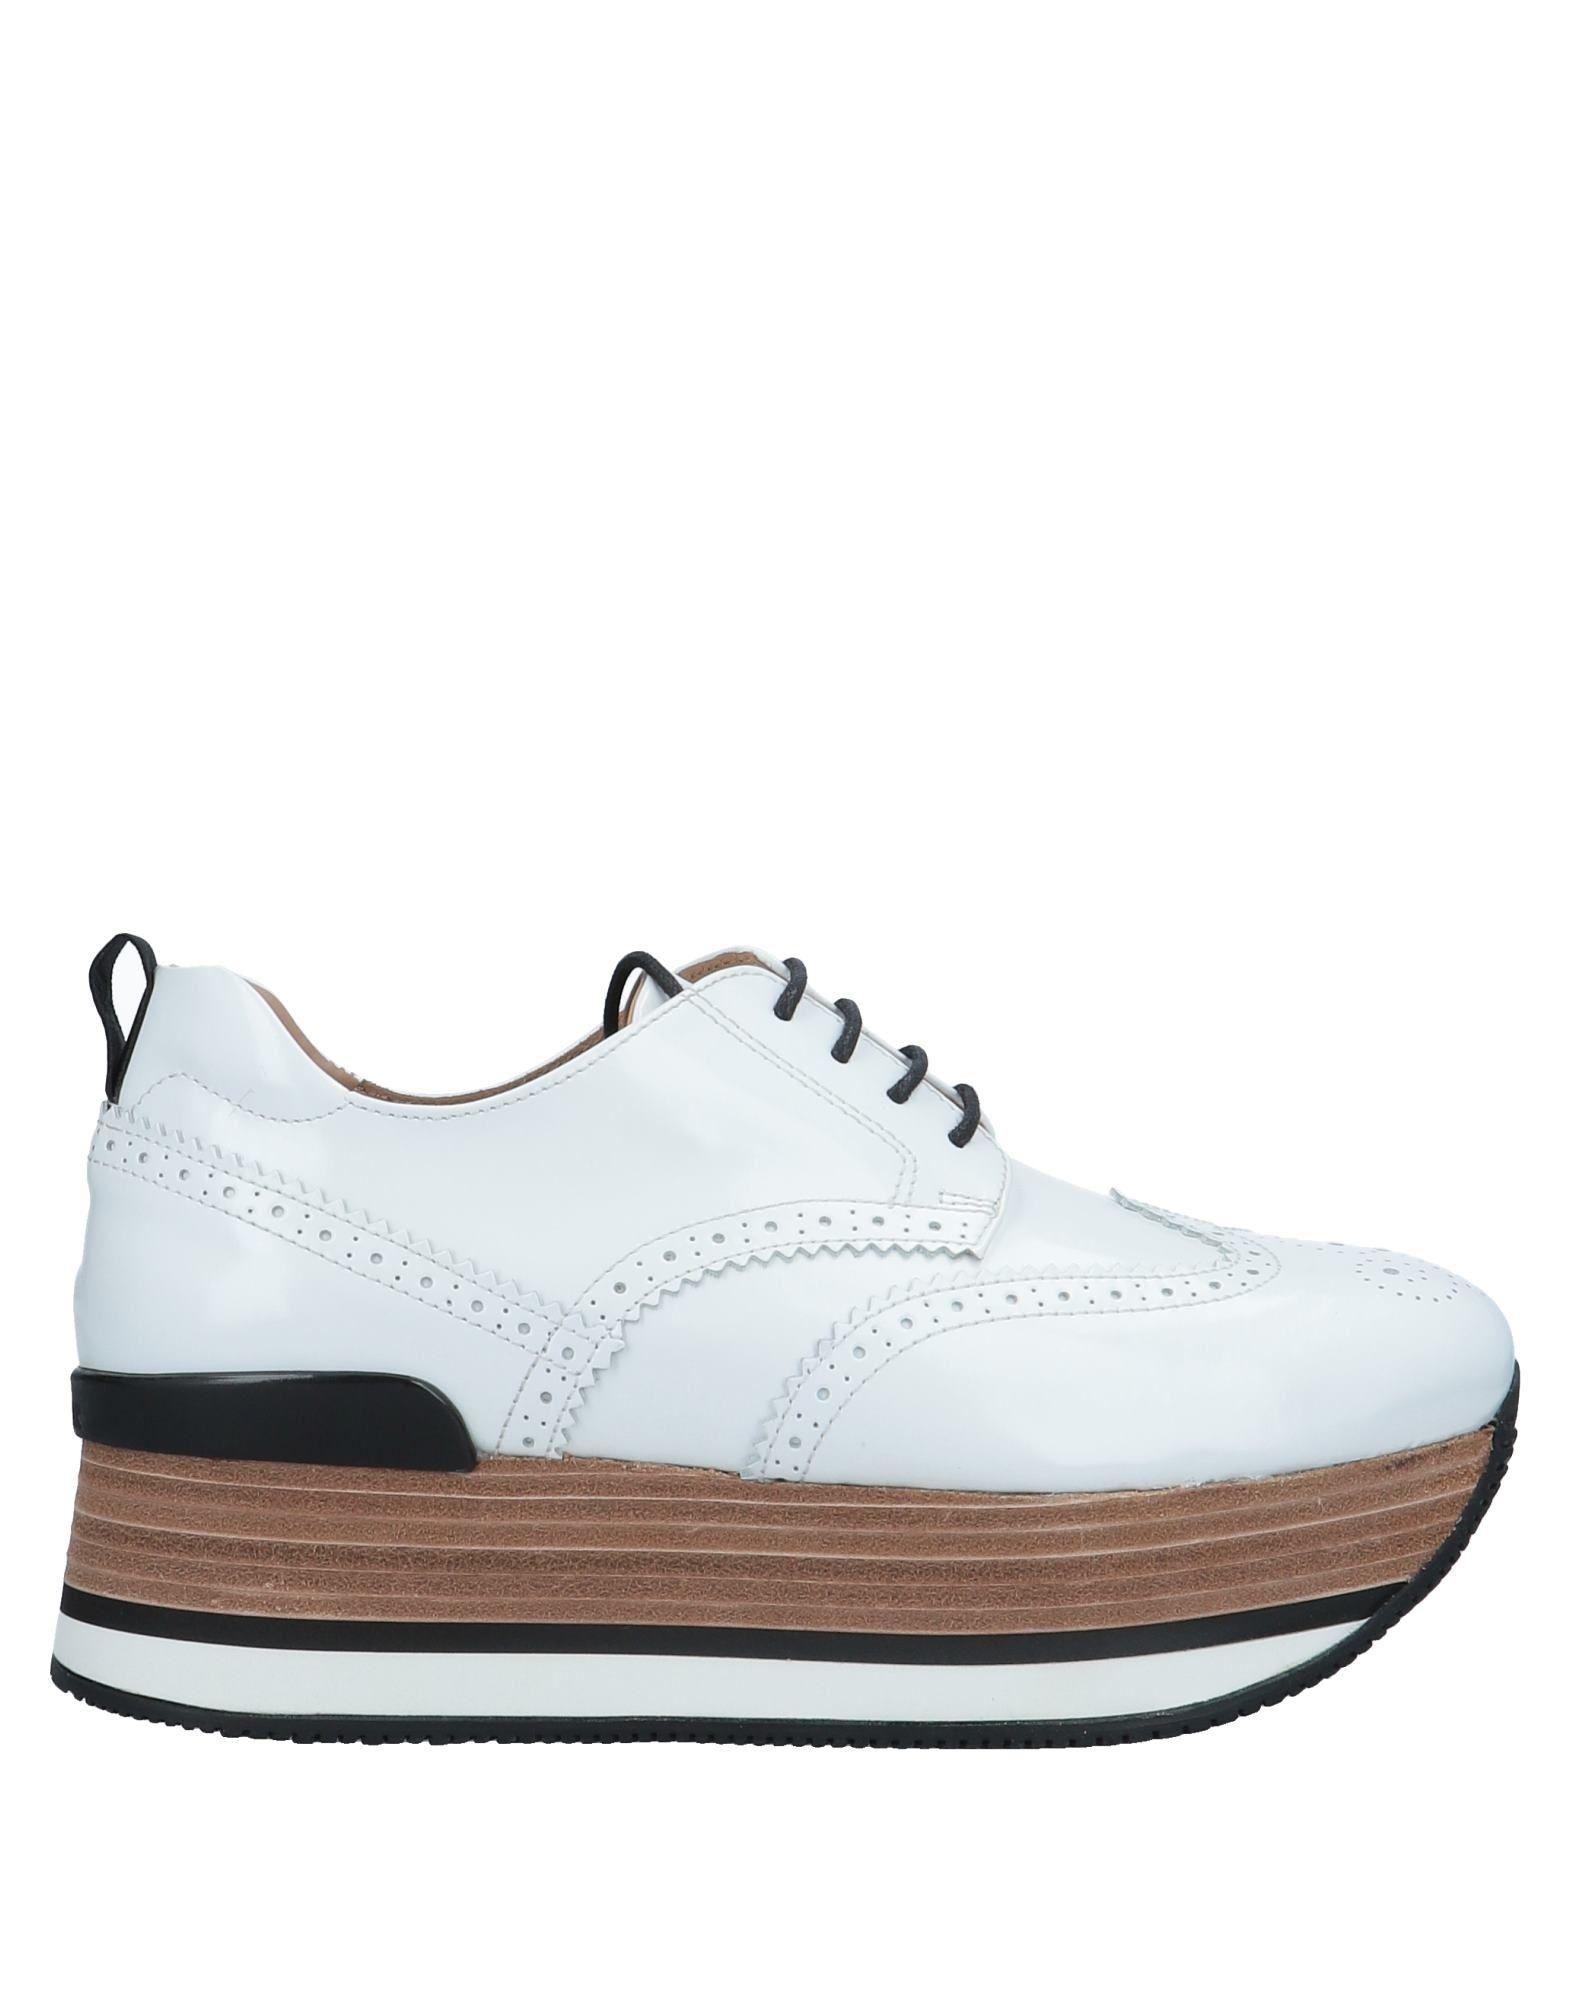 Hogan Sneakers online - Women Hogan Sneakers online Sneakers on  United Kingdom - 11567698PV a7c1c7